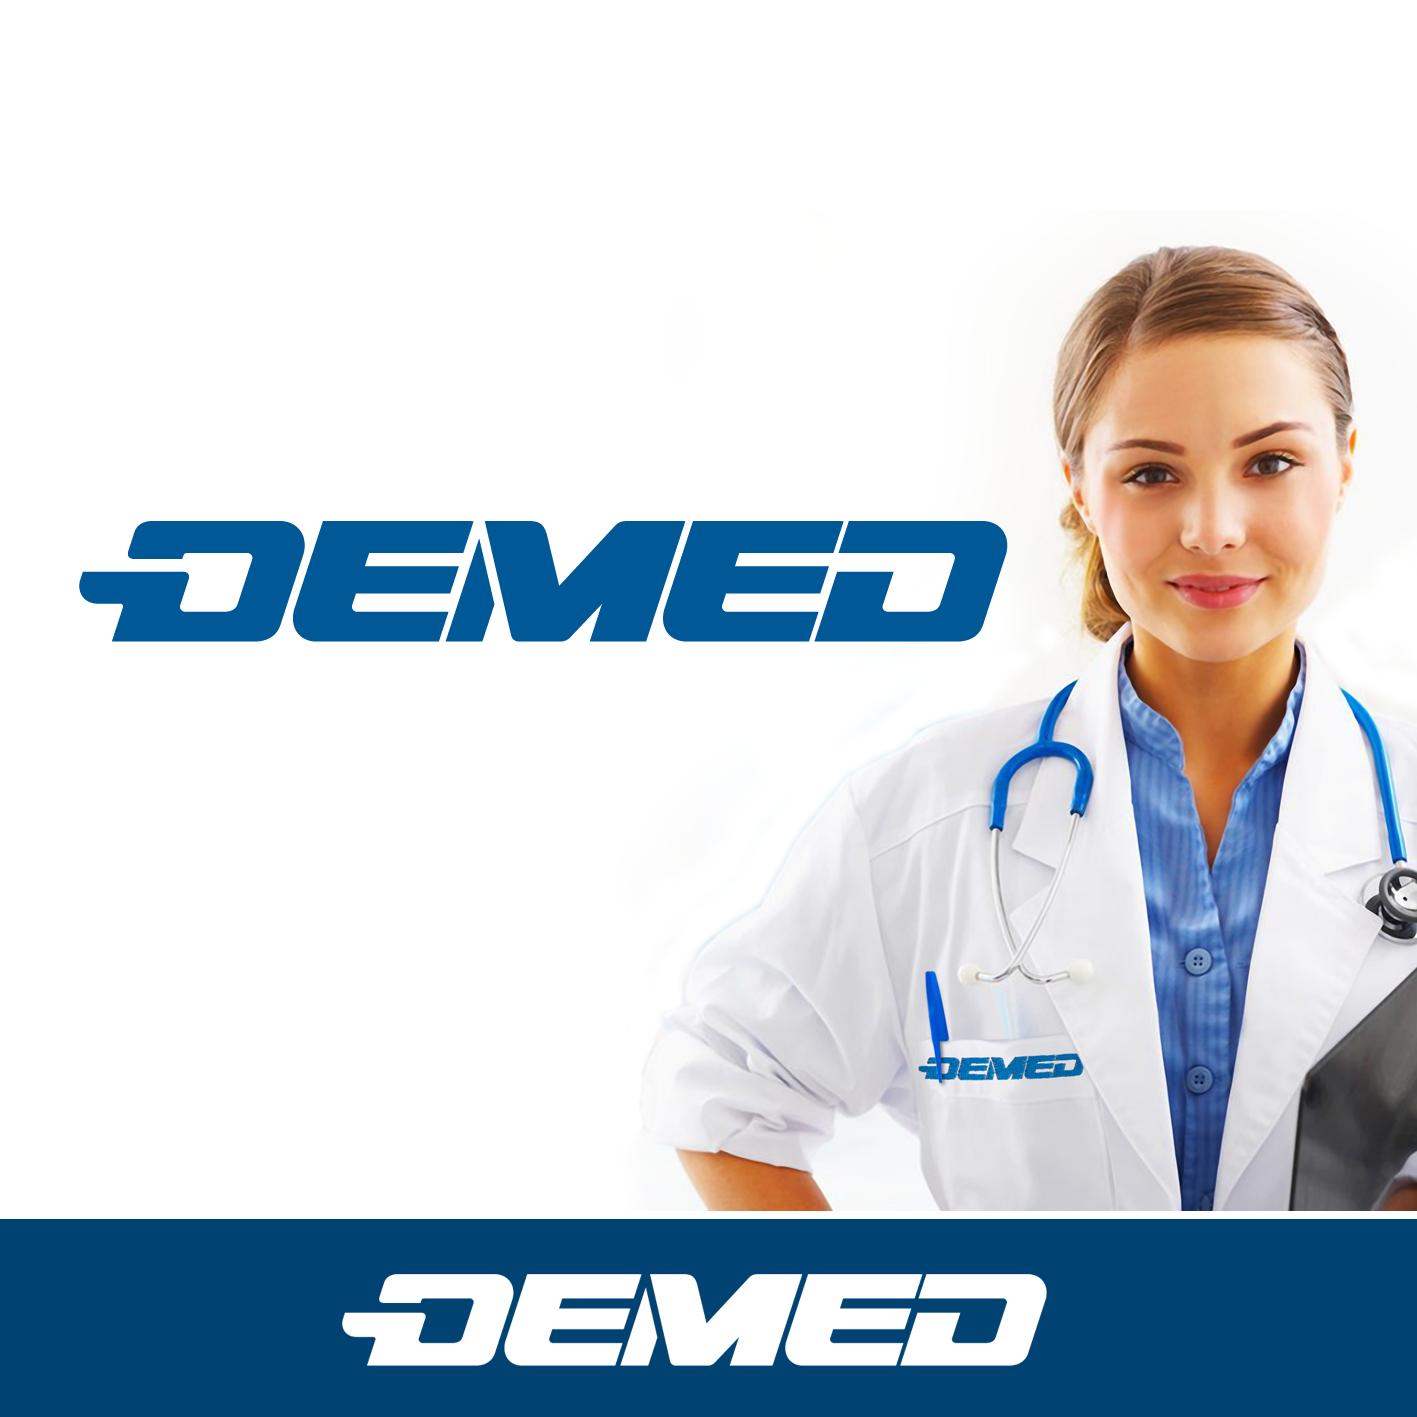 Логотип медицинского центра фото f_3685dc5840465503.png